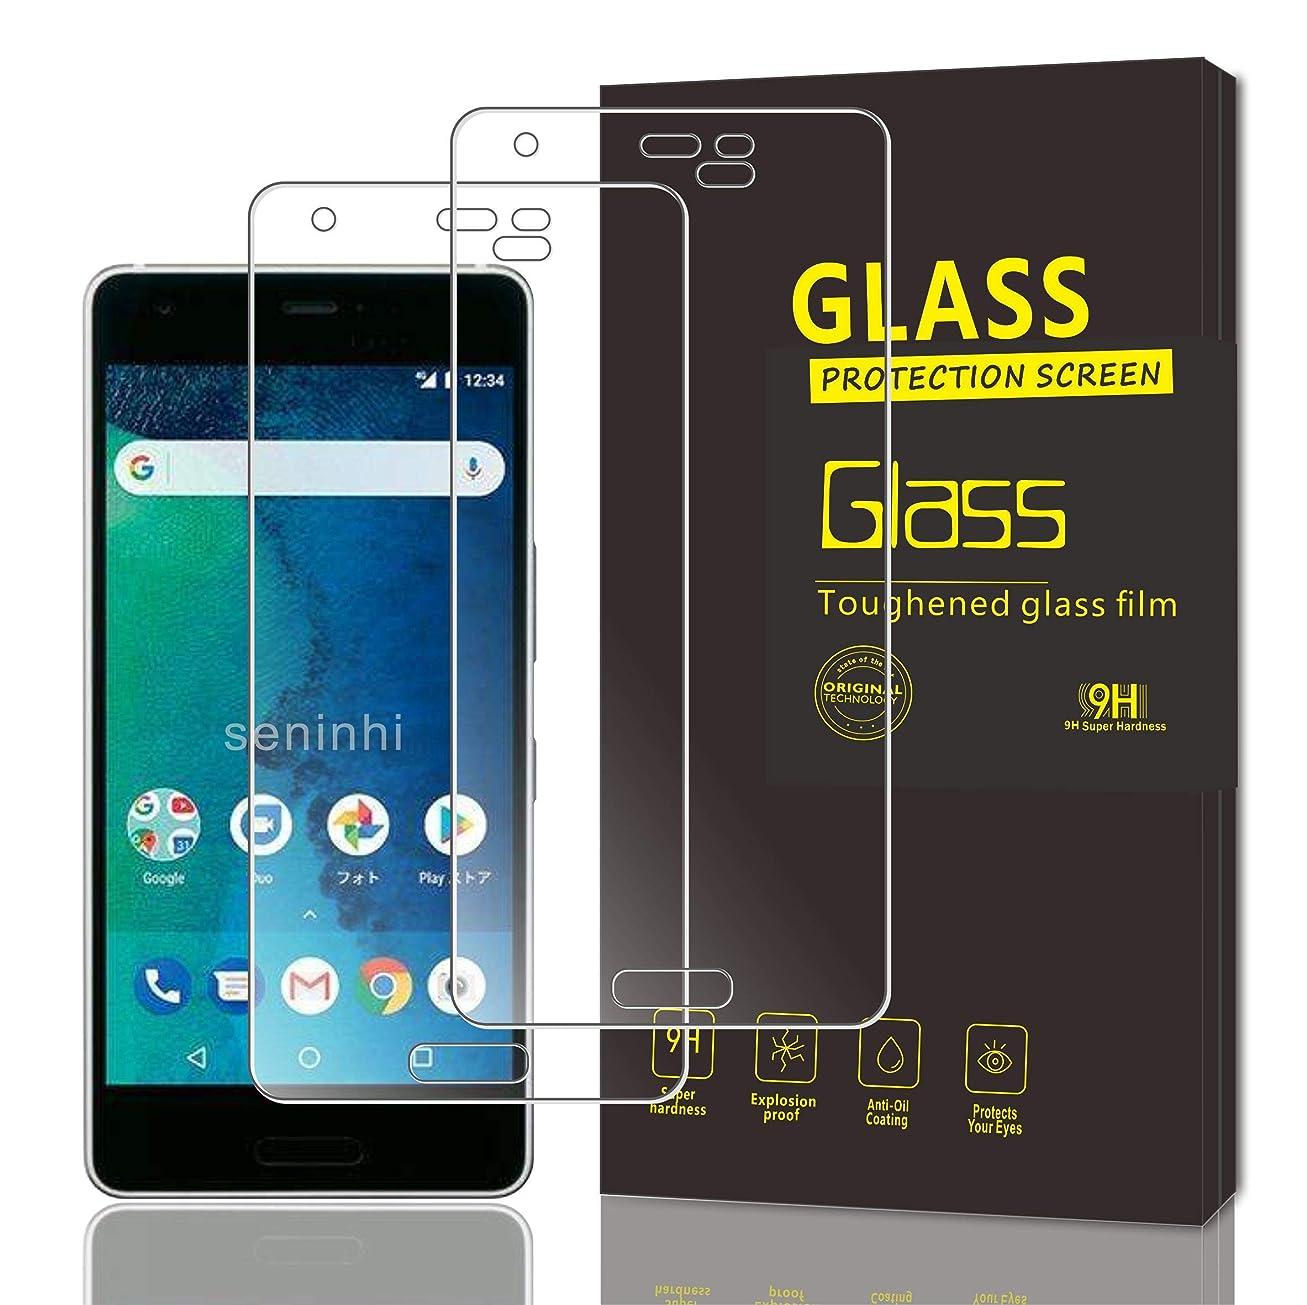 【2枚セット】[Seninhi] Android one x3 専用 強化ガラスフィルム 保護フィルム ガラスカバー 日本旭硝子素材採用 高透過率 耐指紋 撥油性 極薄 2.5D ラウンドエッジ加工 業界最高硬度9H/高透過率 (2枚)